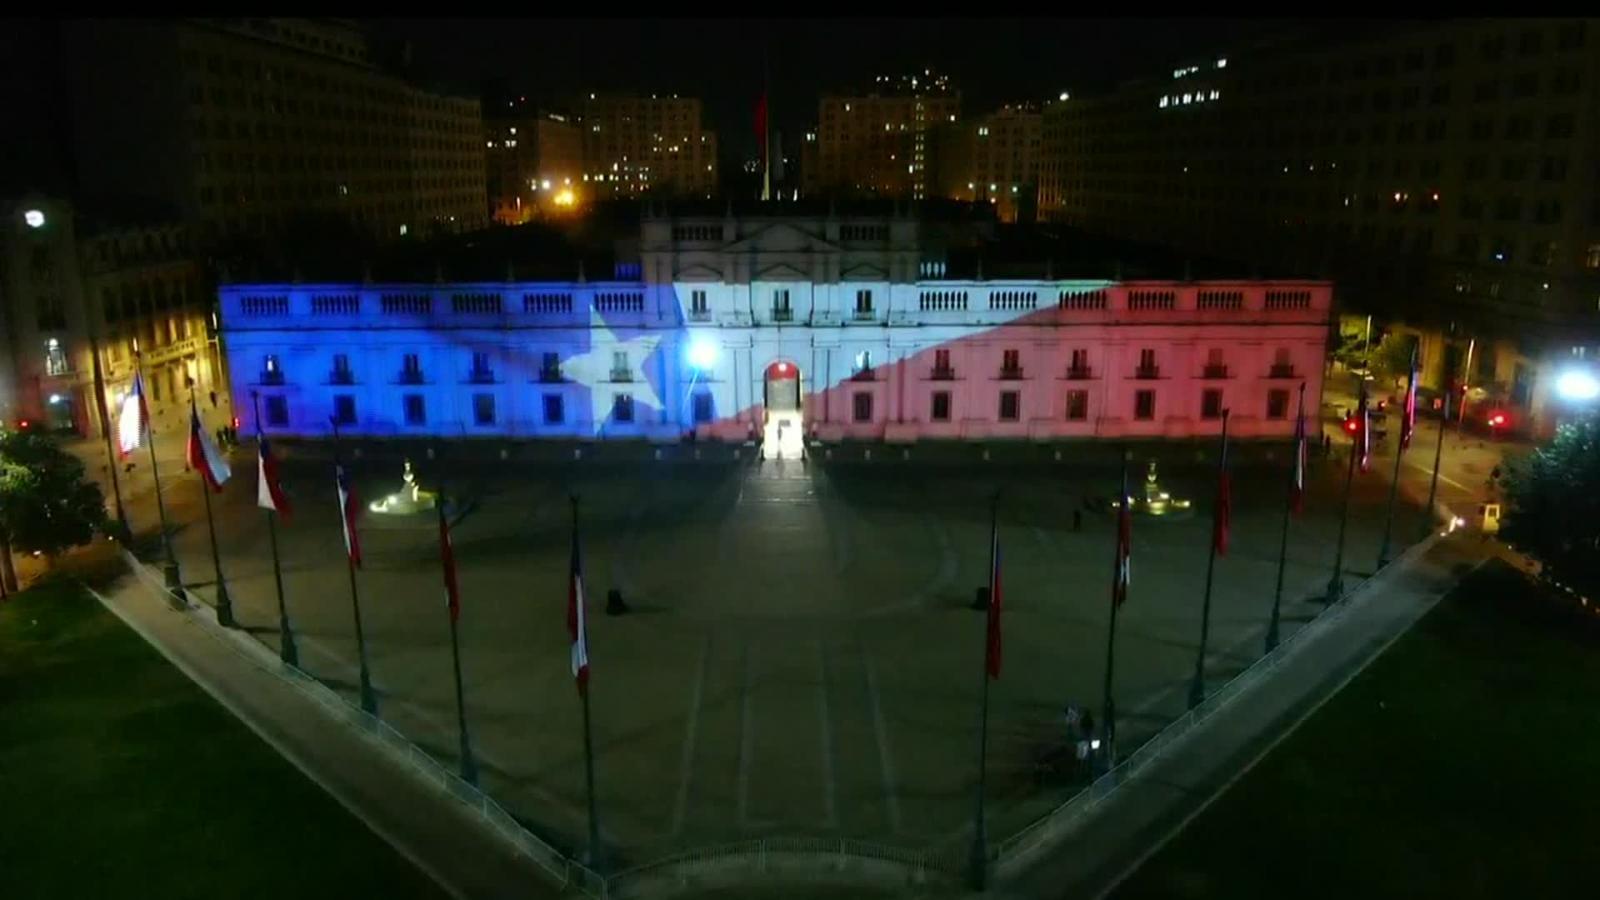 OPINIÓN | Chile debeadelantarlaseleccionespara que un nuevopresidentelidereelprocesoconstituyente